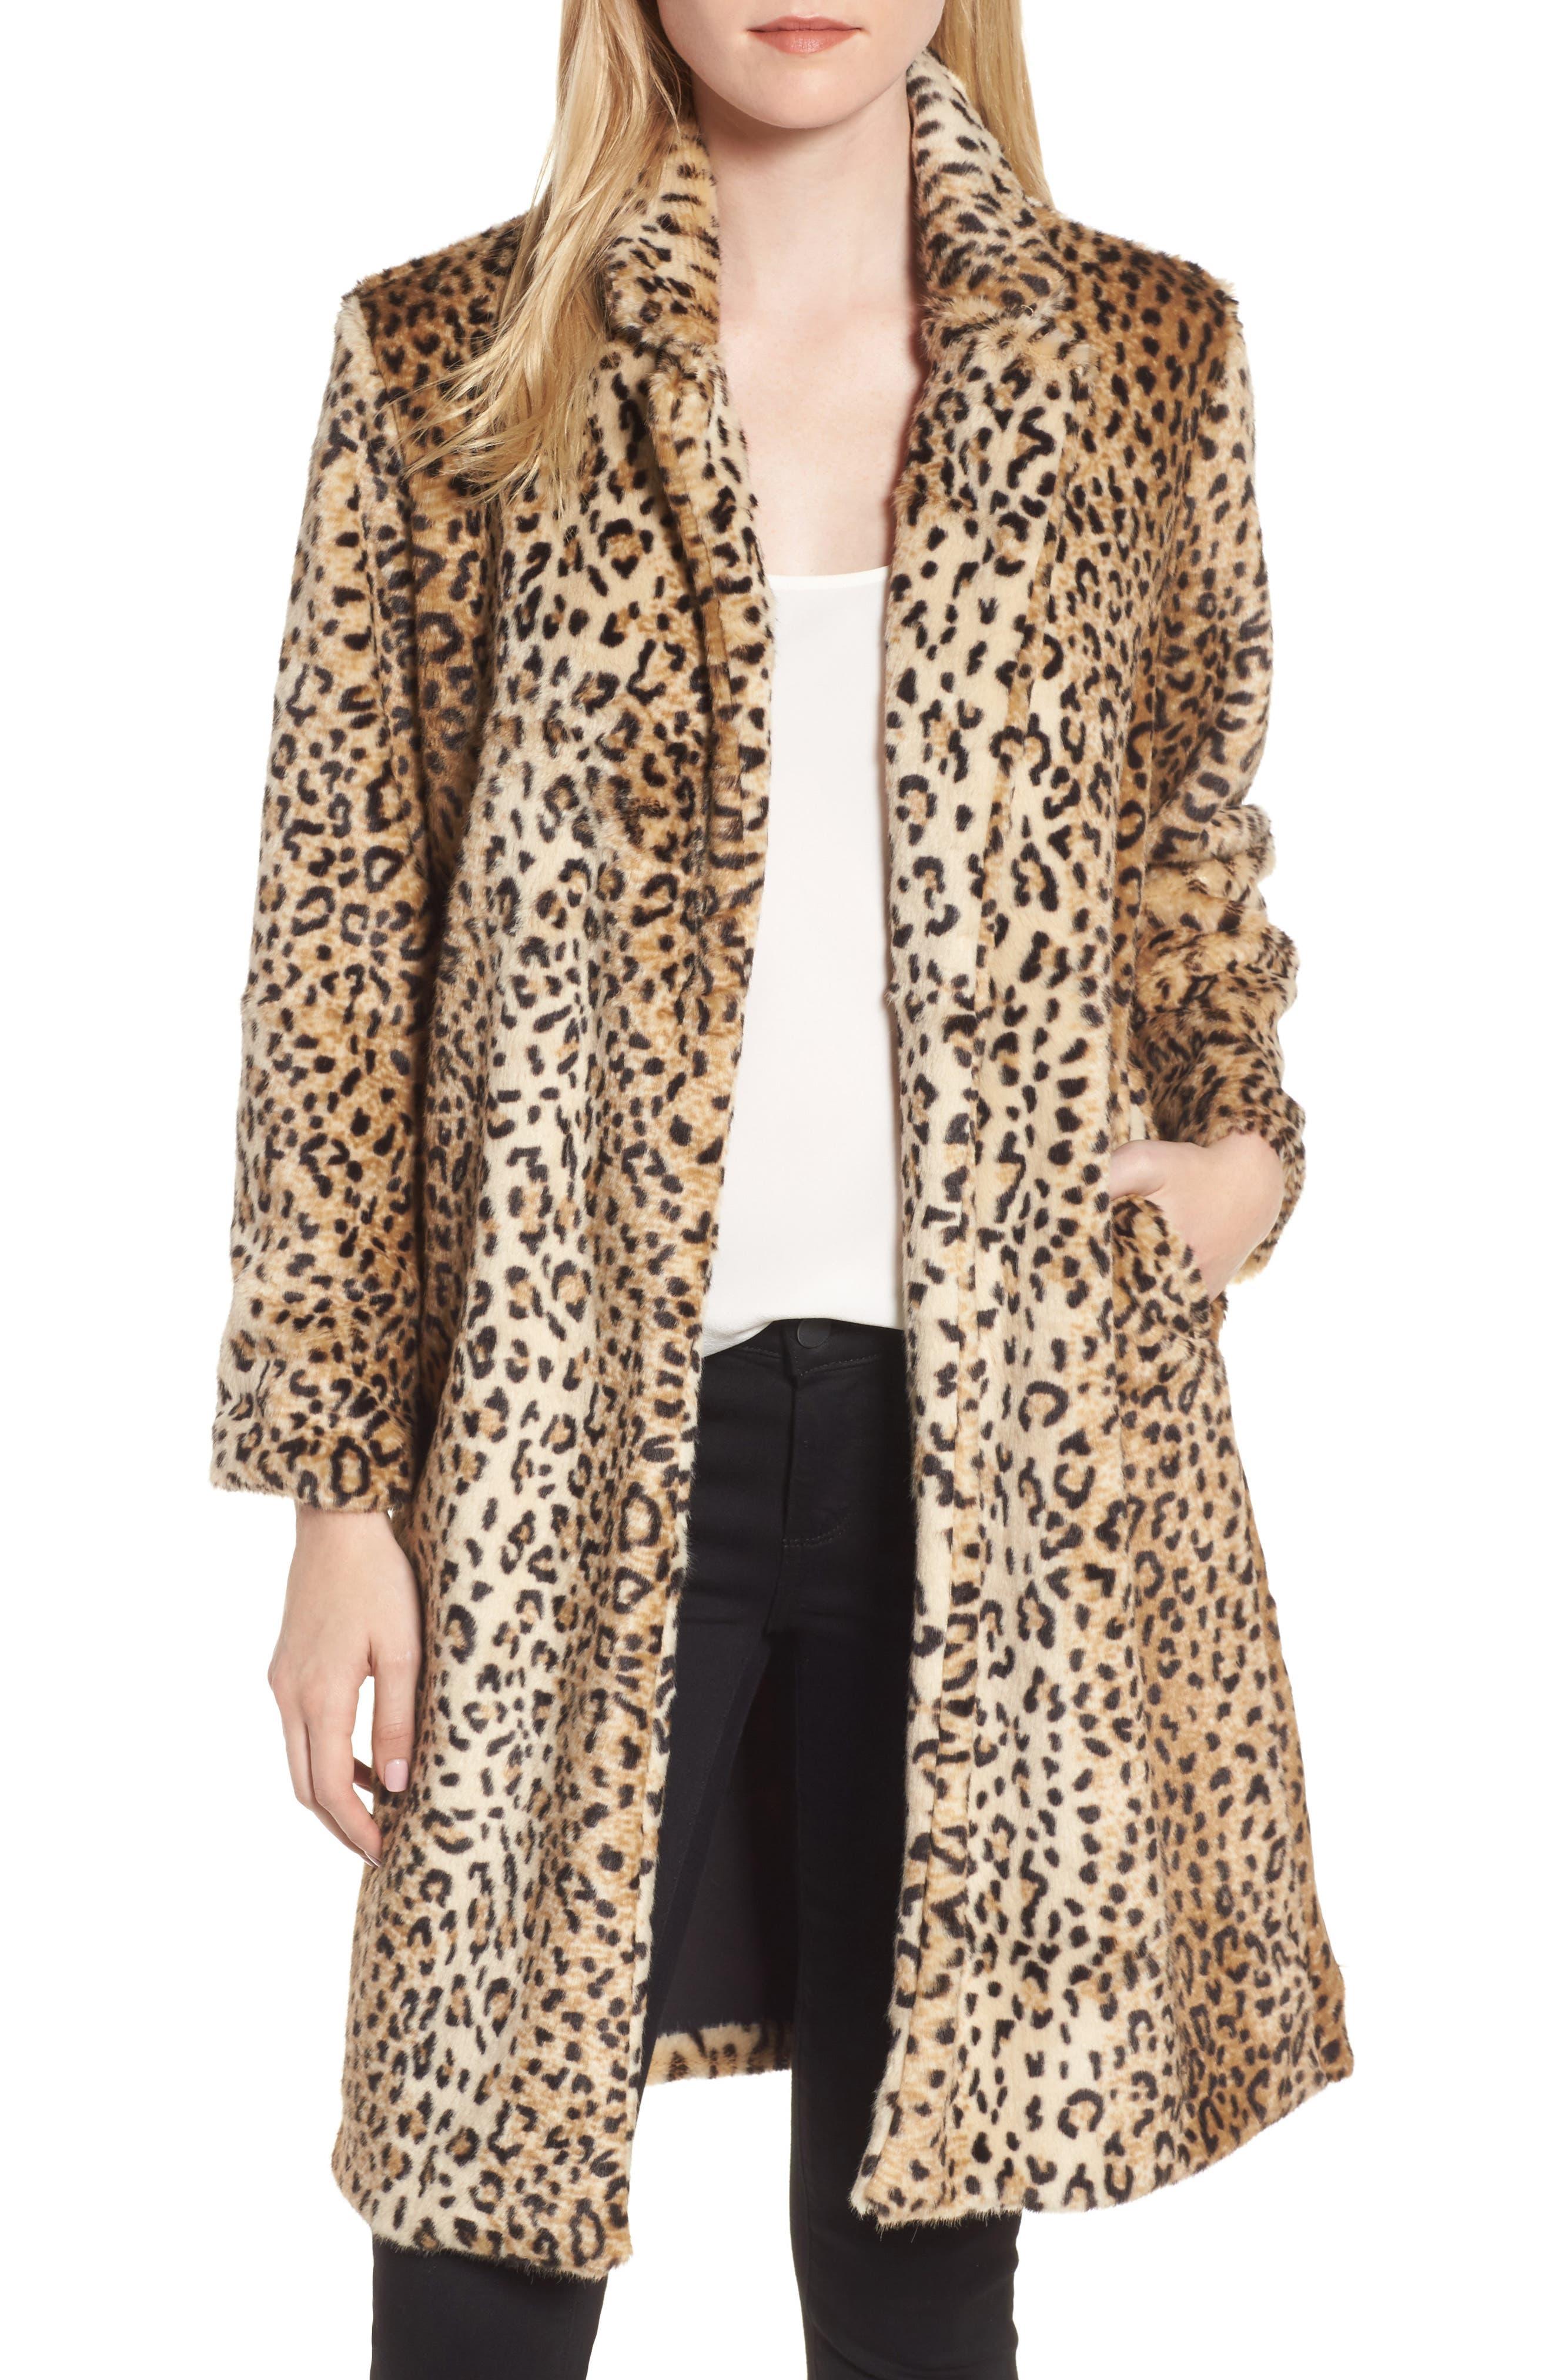 Chelsea28 Leopard Print Faux Fur Jacket